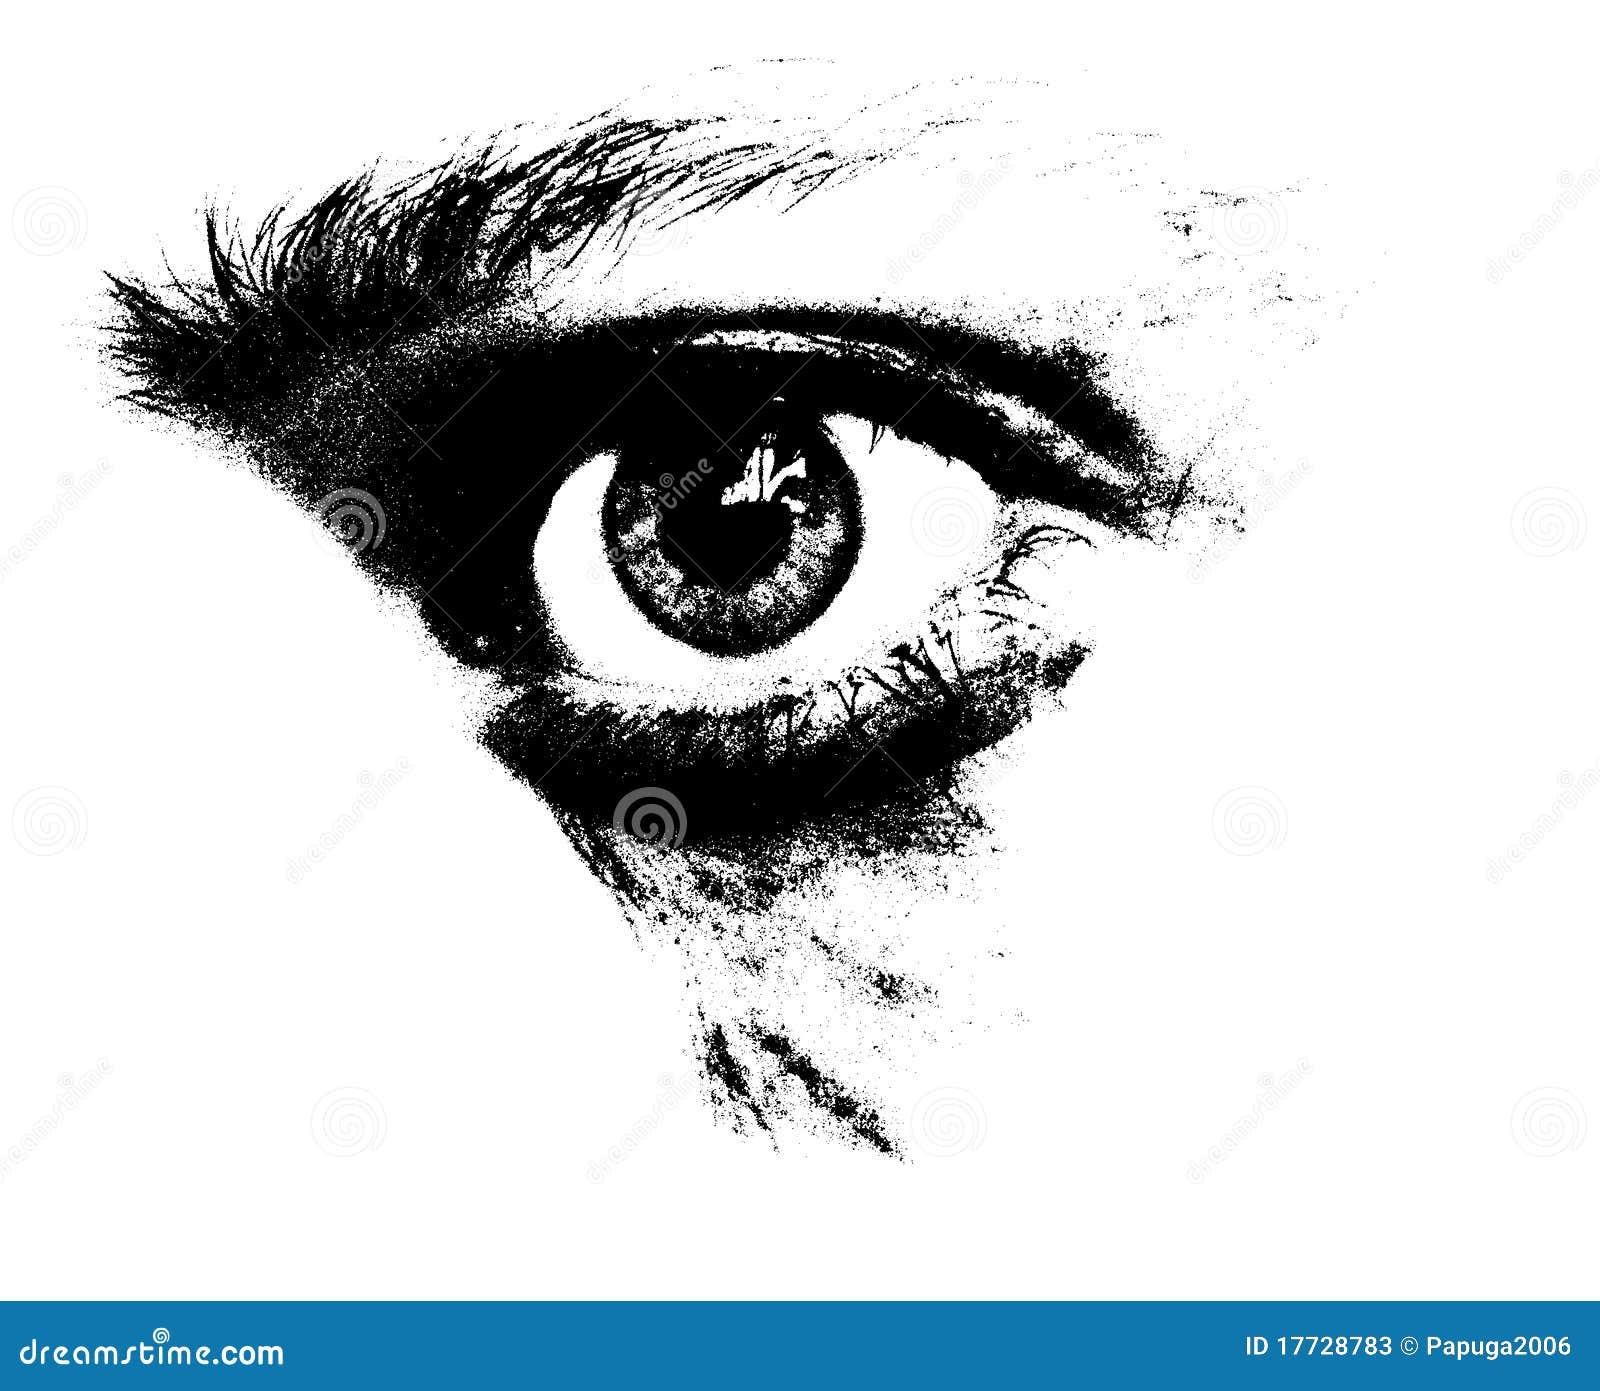 Regard triste photos stock image 17728783 - Dessin ange noir et blanc ...